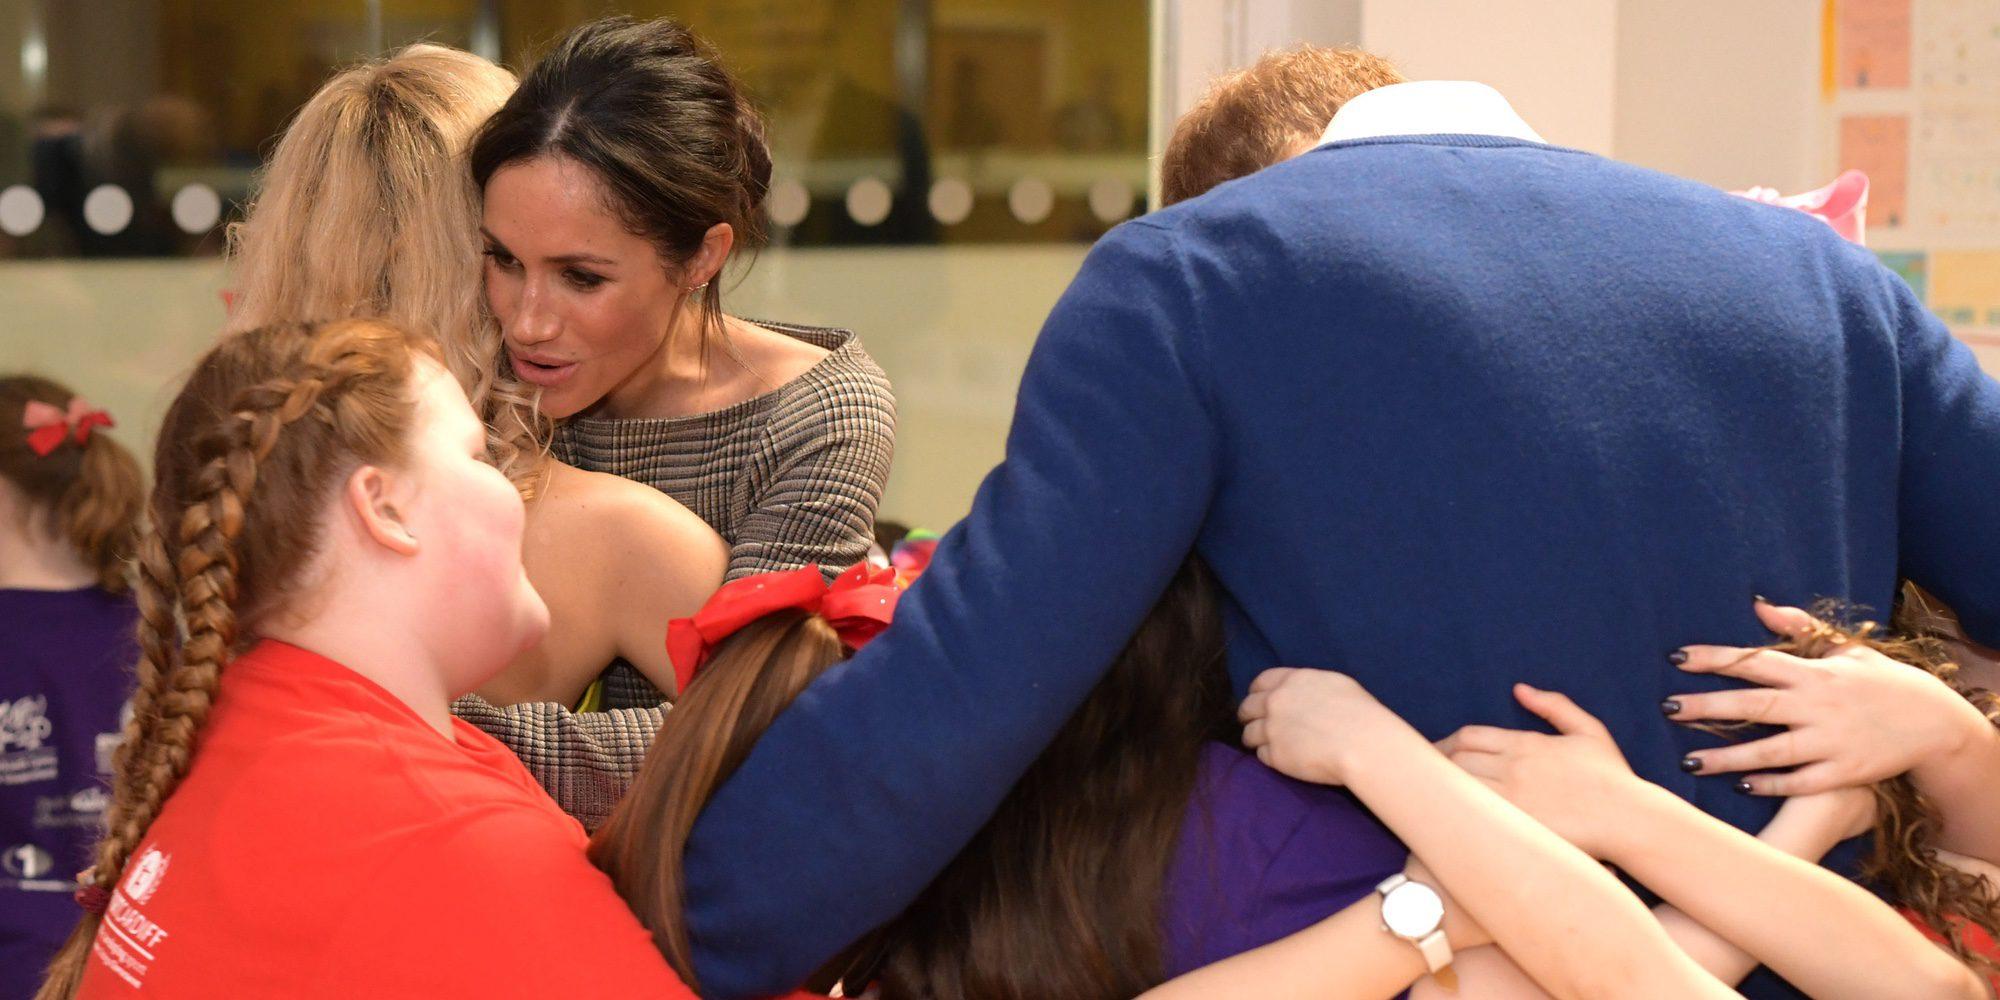 Abrazos, risas, el feminismo del Príncipe Harry y la ruptura del protocolo de Meghan Markle: así fue su paso por Gales